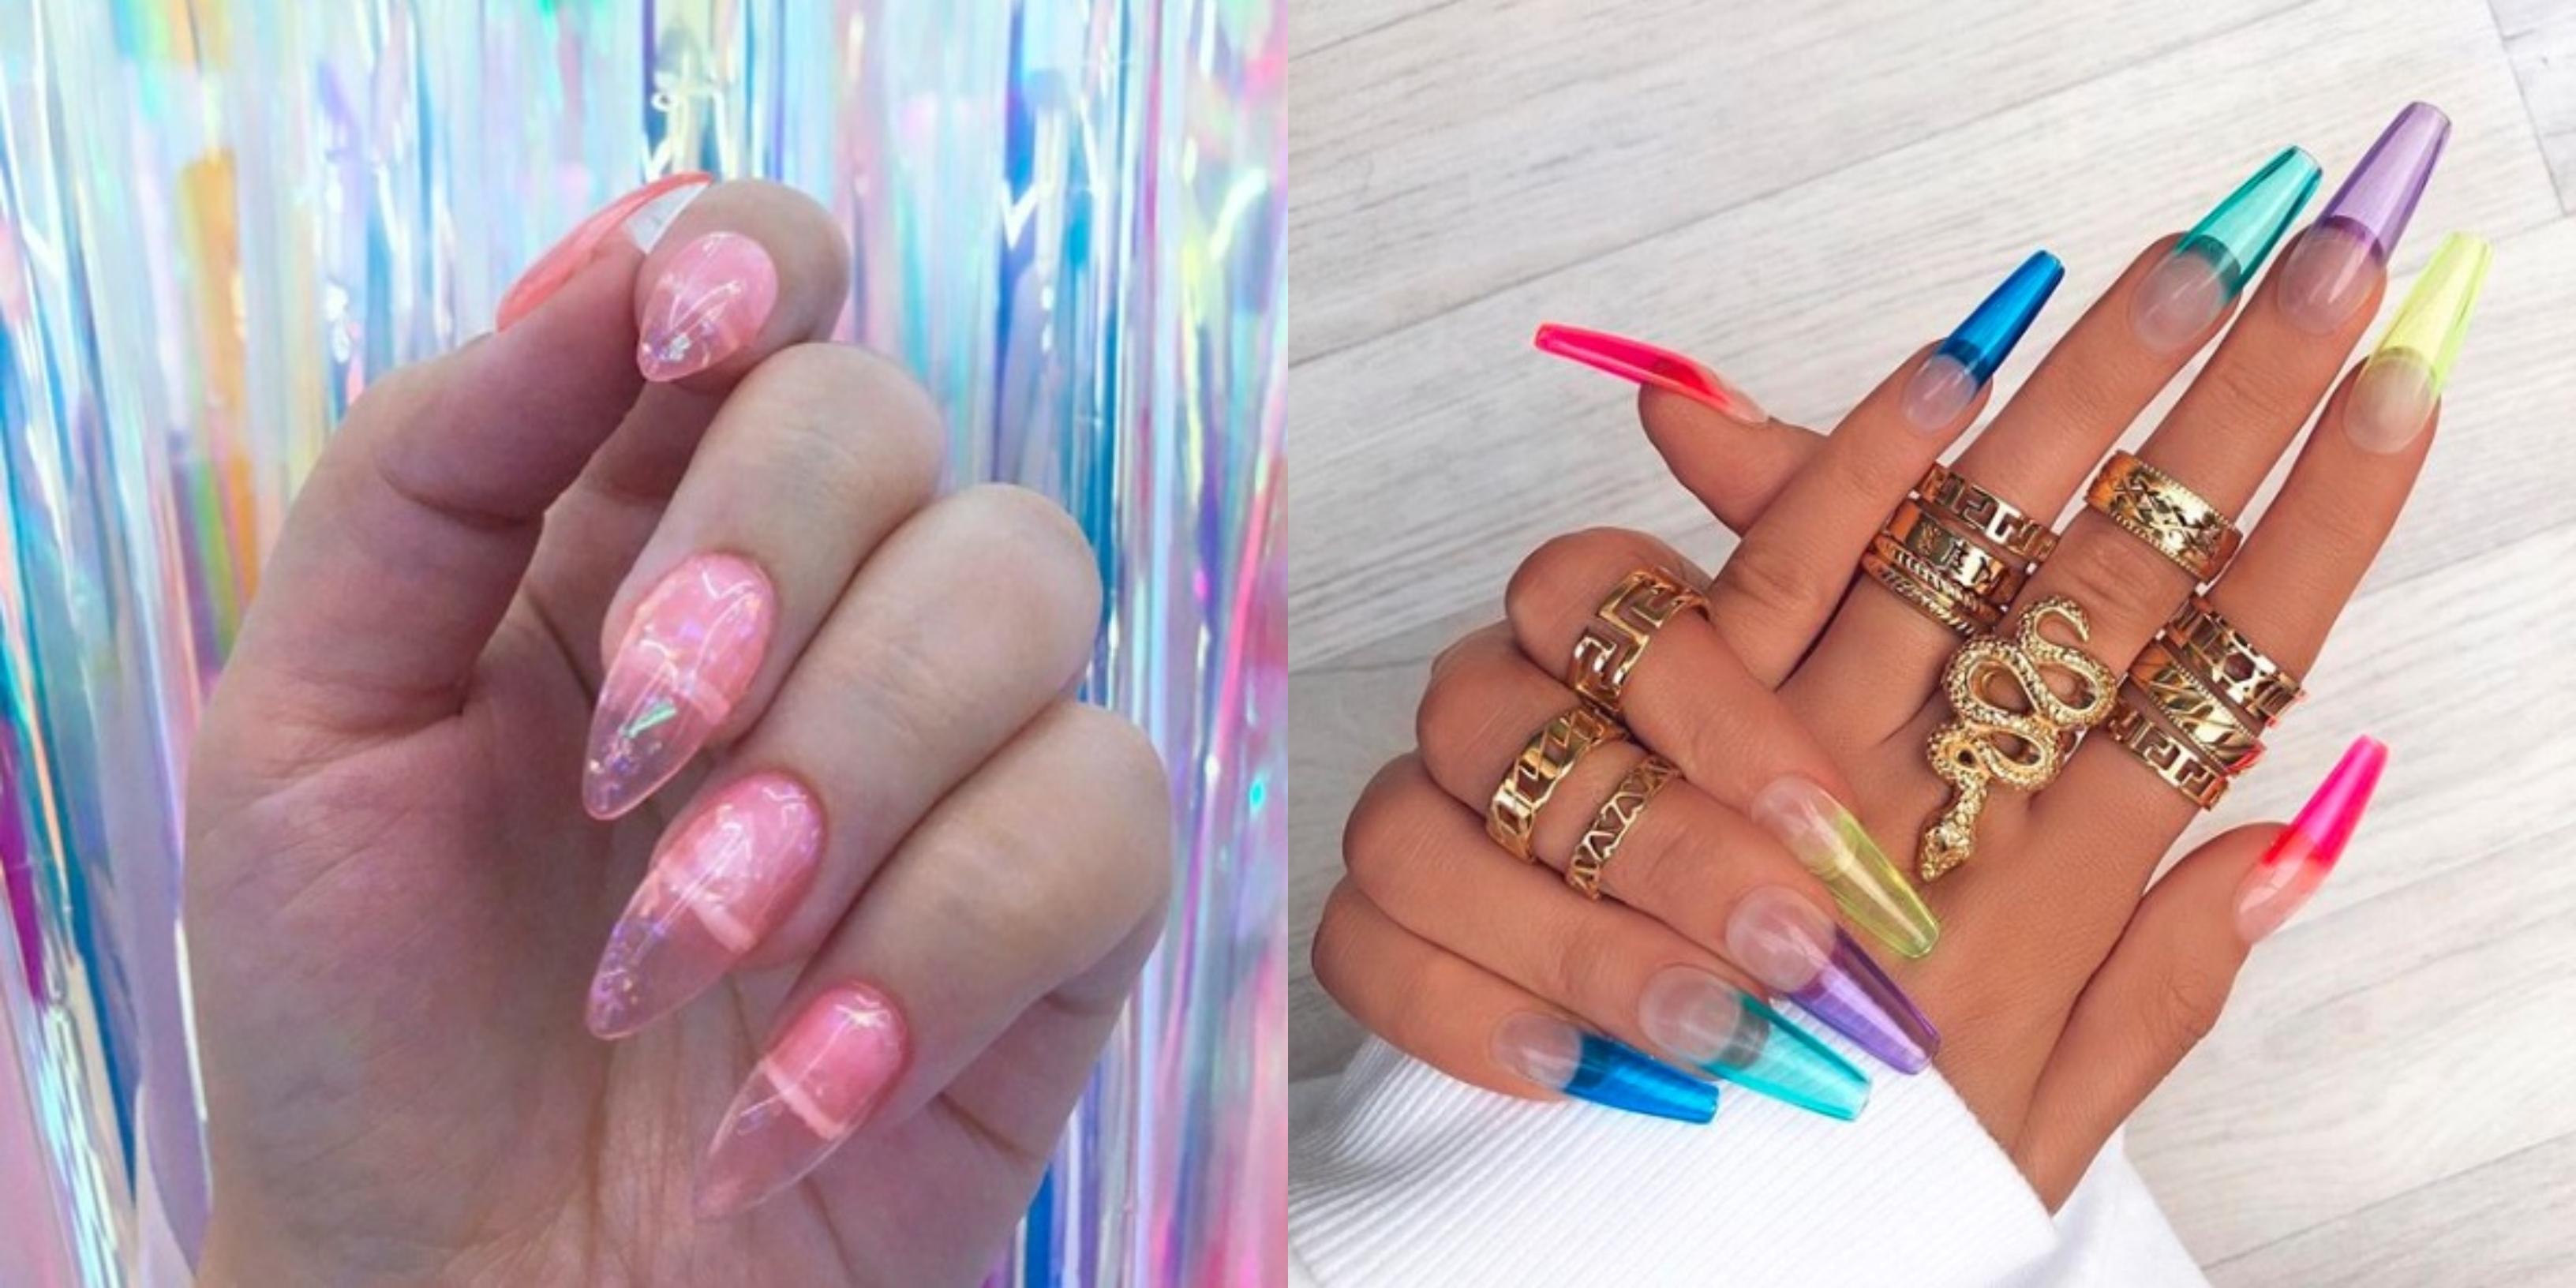 Modne Paznokcie 2019 Jelly Nails Czyli Efektowny Manicure Na